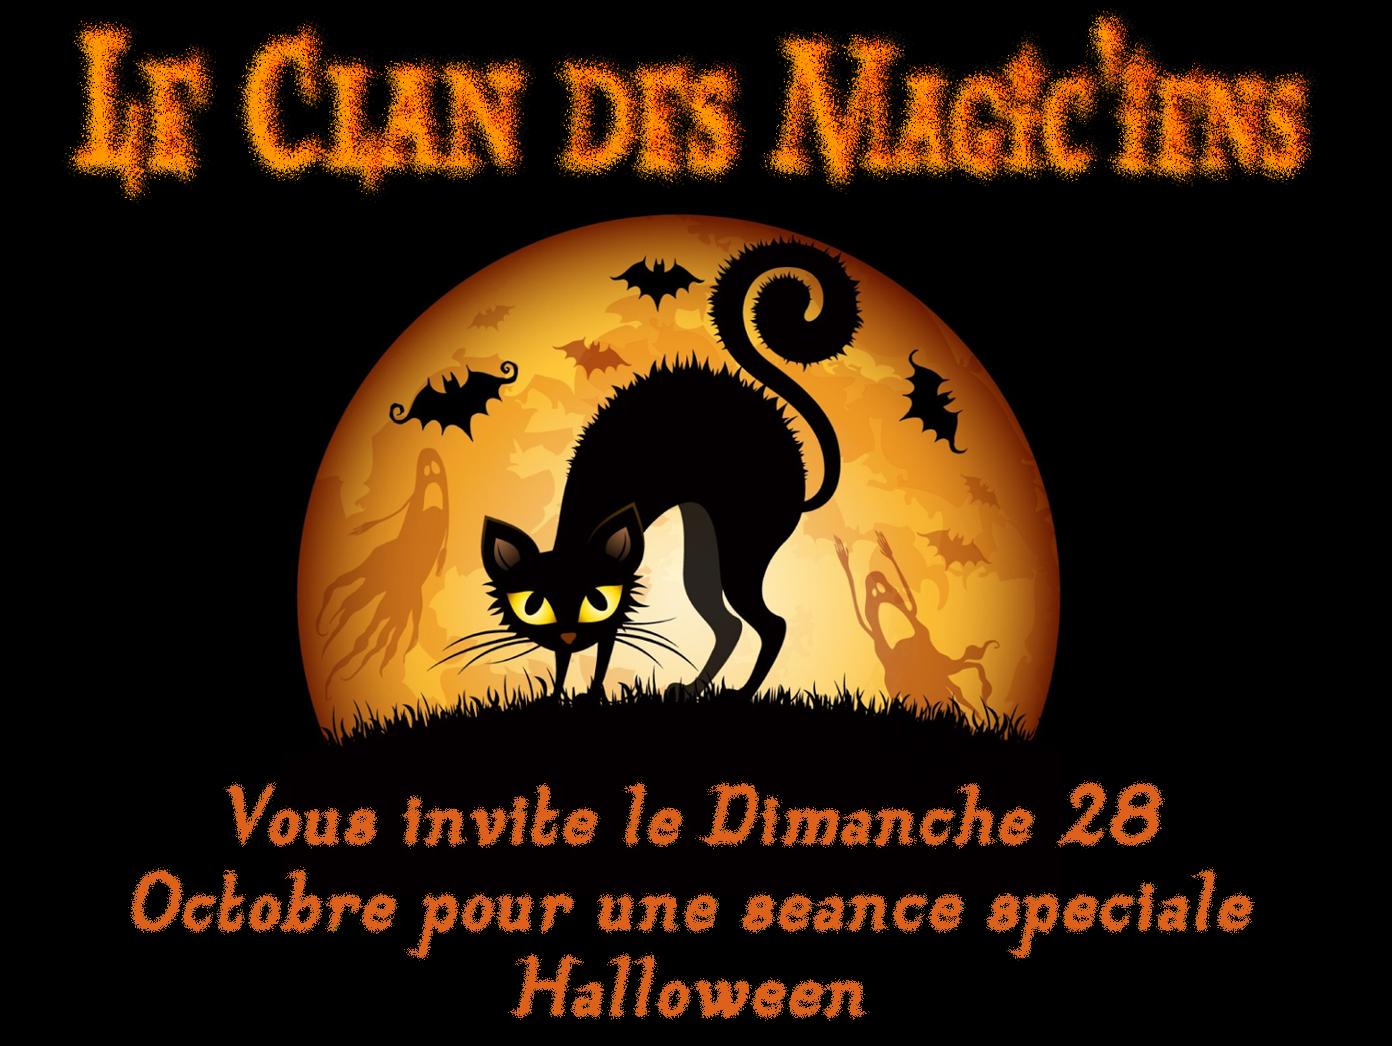 Dimanche 28 Octobre : Jeu de rôle spécial Halloween à partir de 14h YLyQN